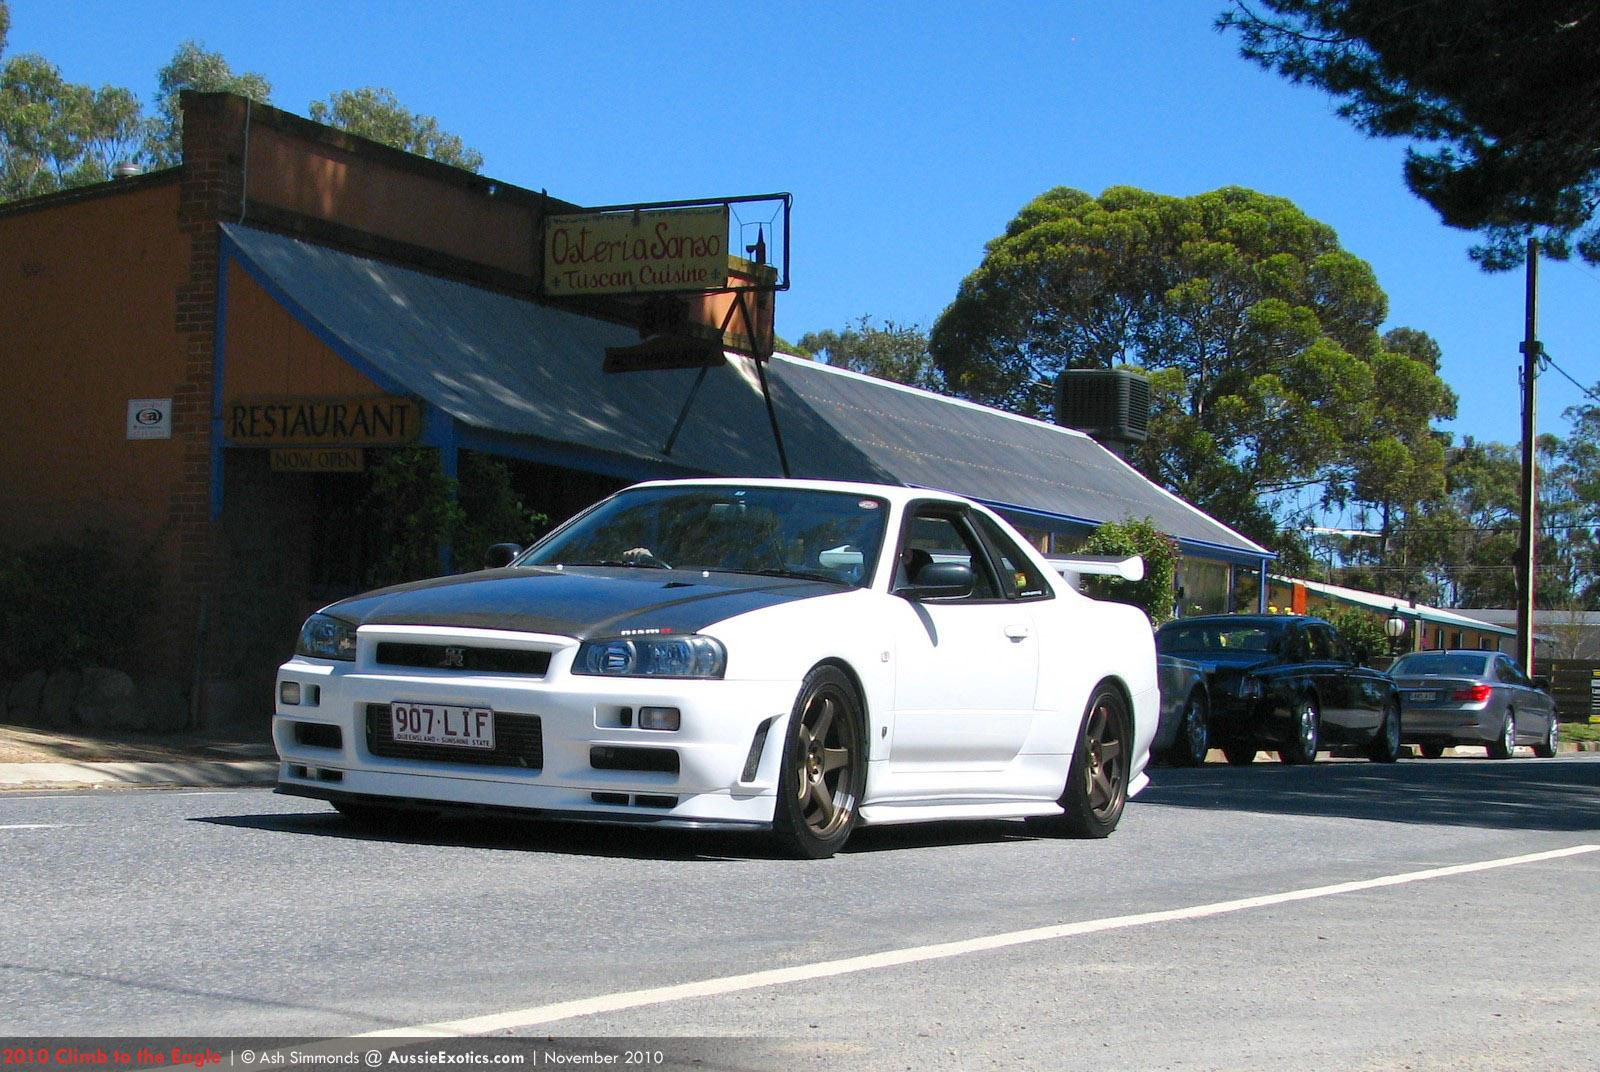 Nissan-R34-GTR - Climb to the